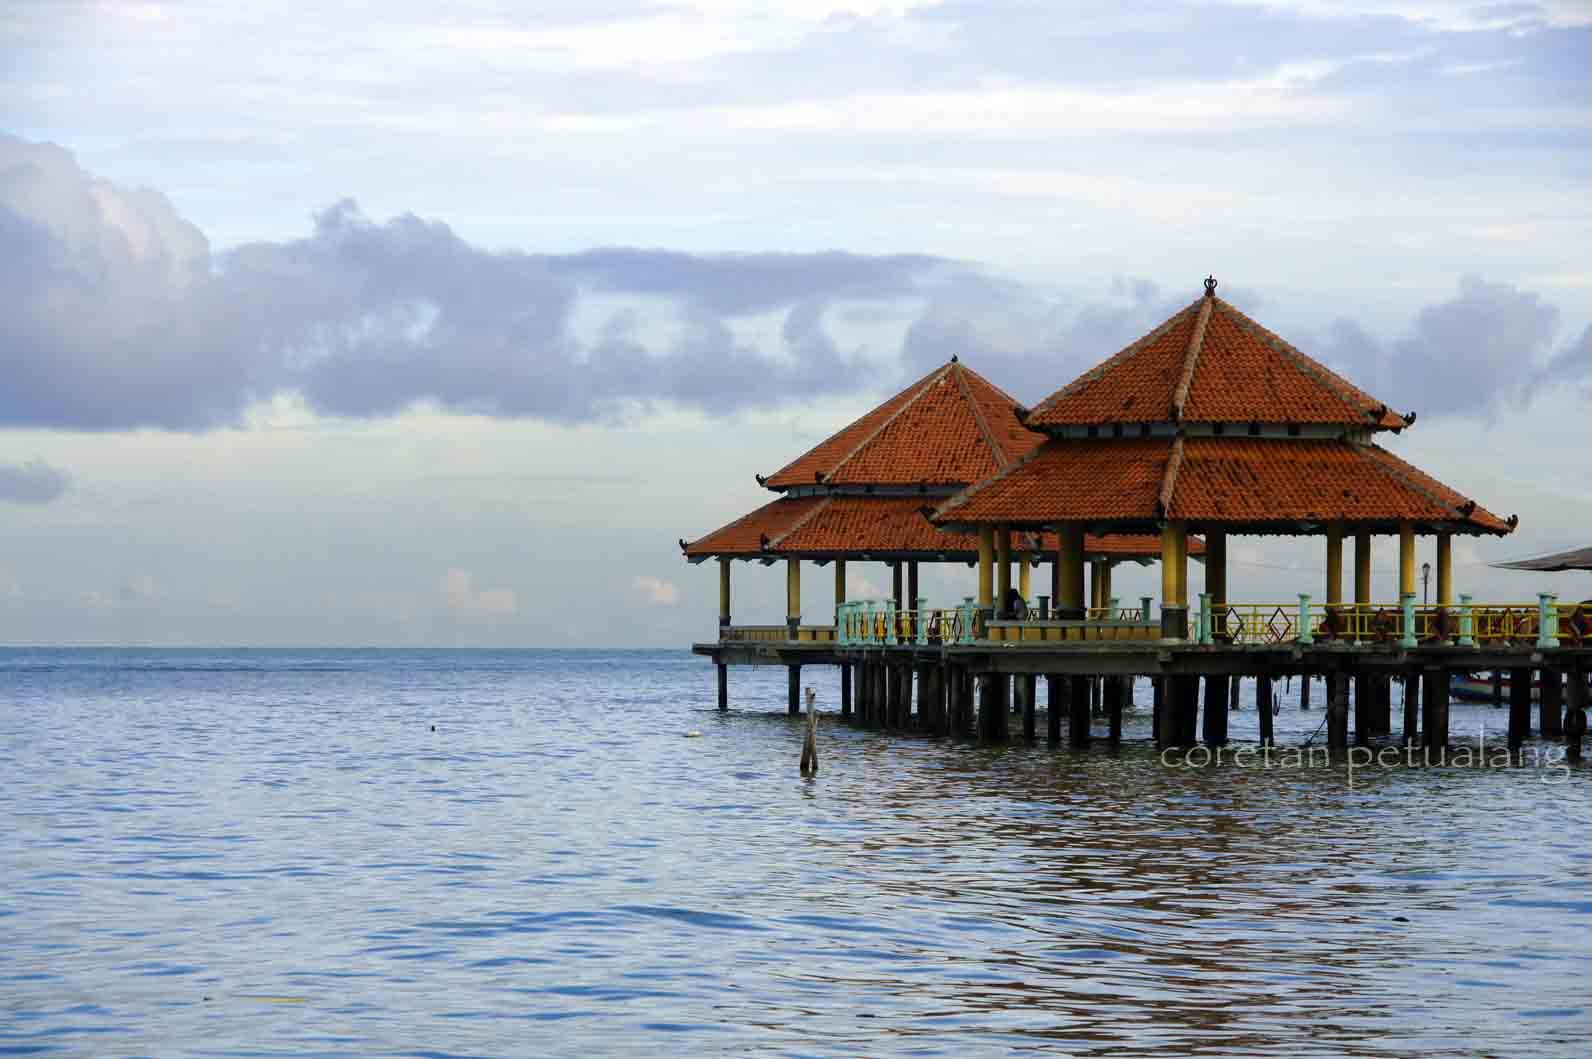 Asyiknya Pantai \u201cKuraKura\u201d Kartini di Laut Jepara  coretanpetualang\u002639;s Blog